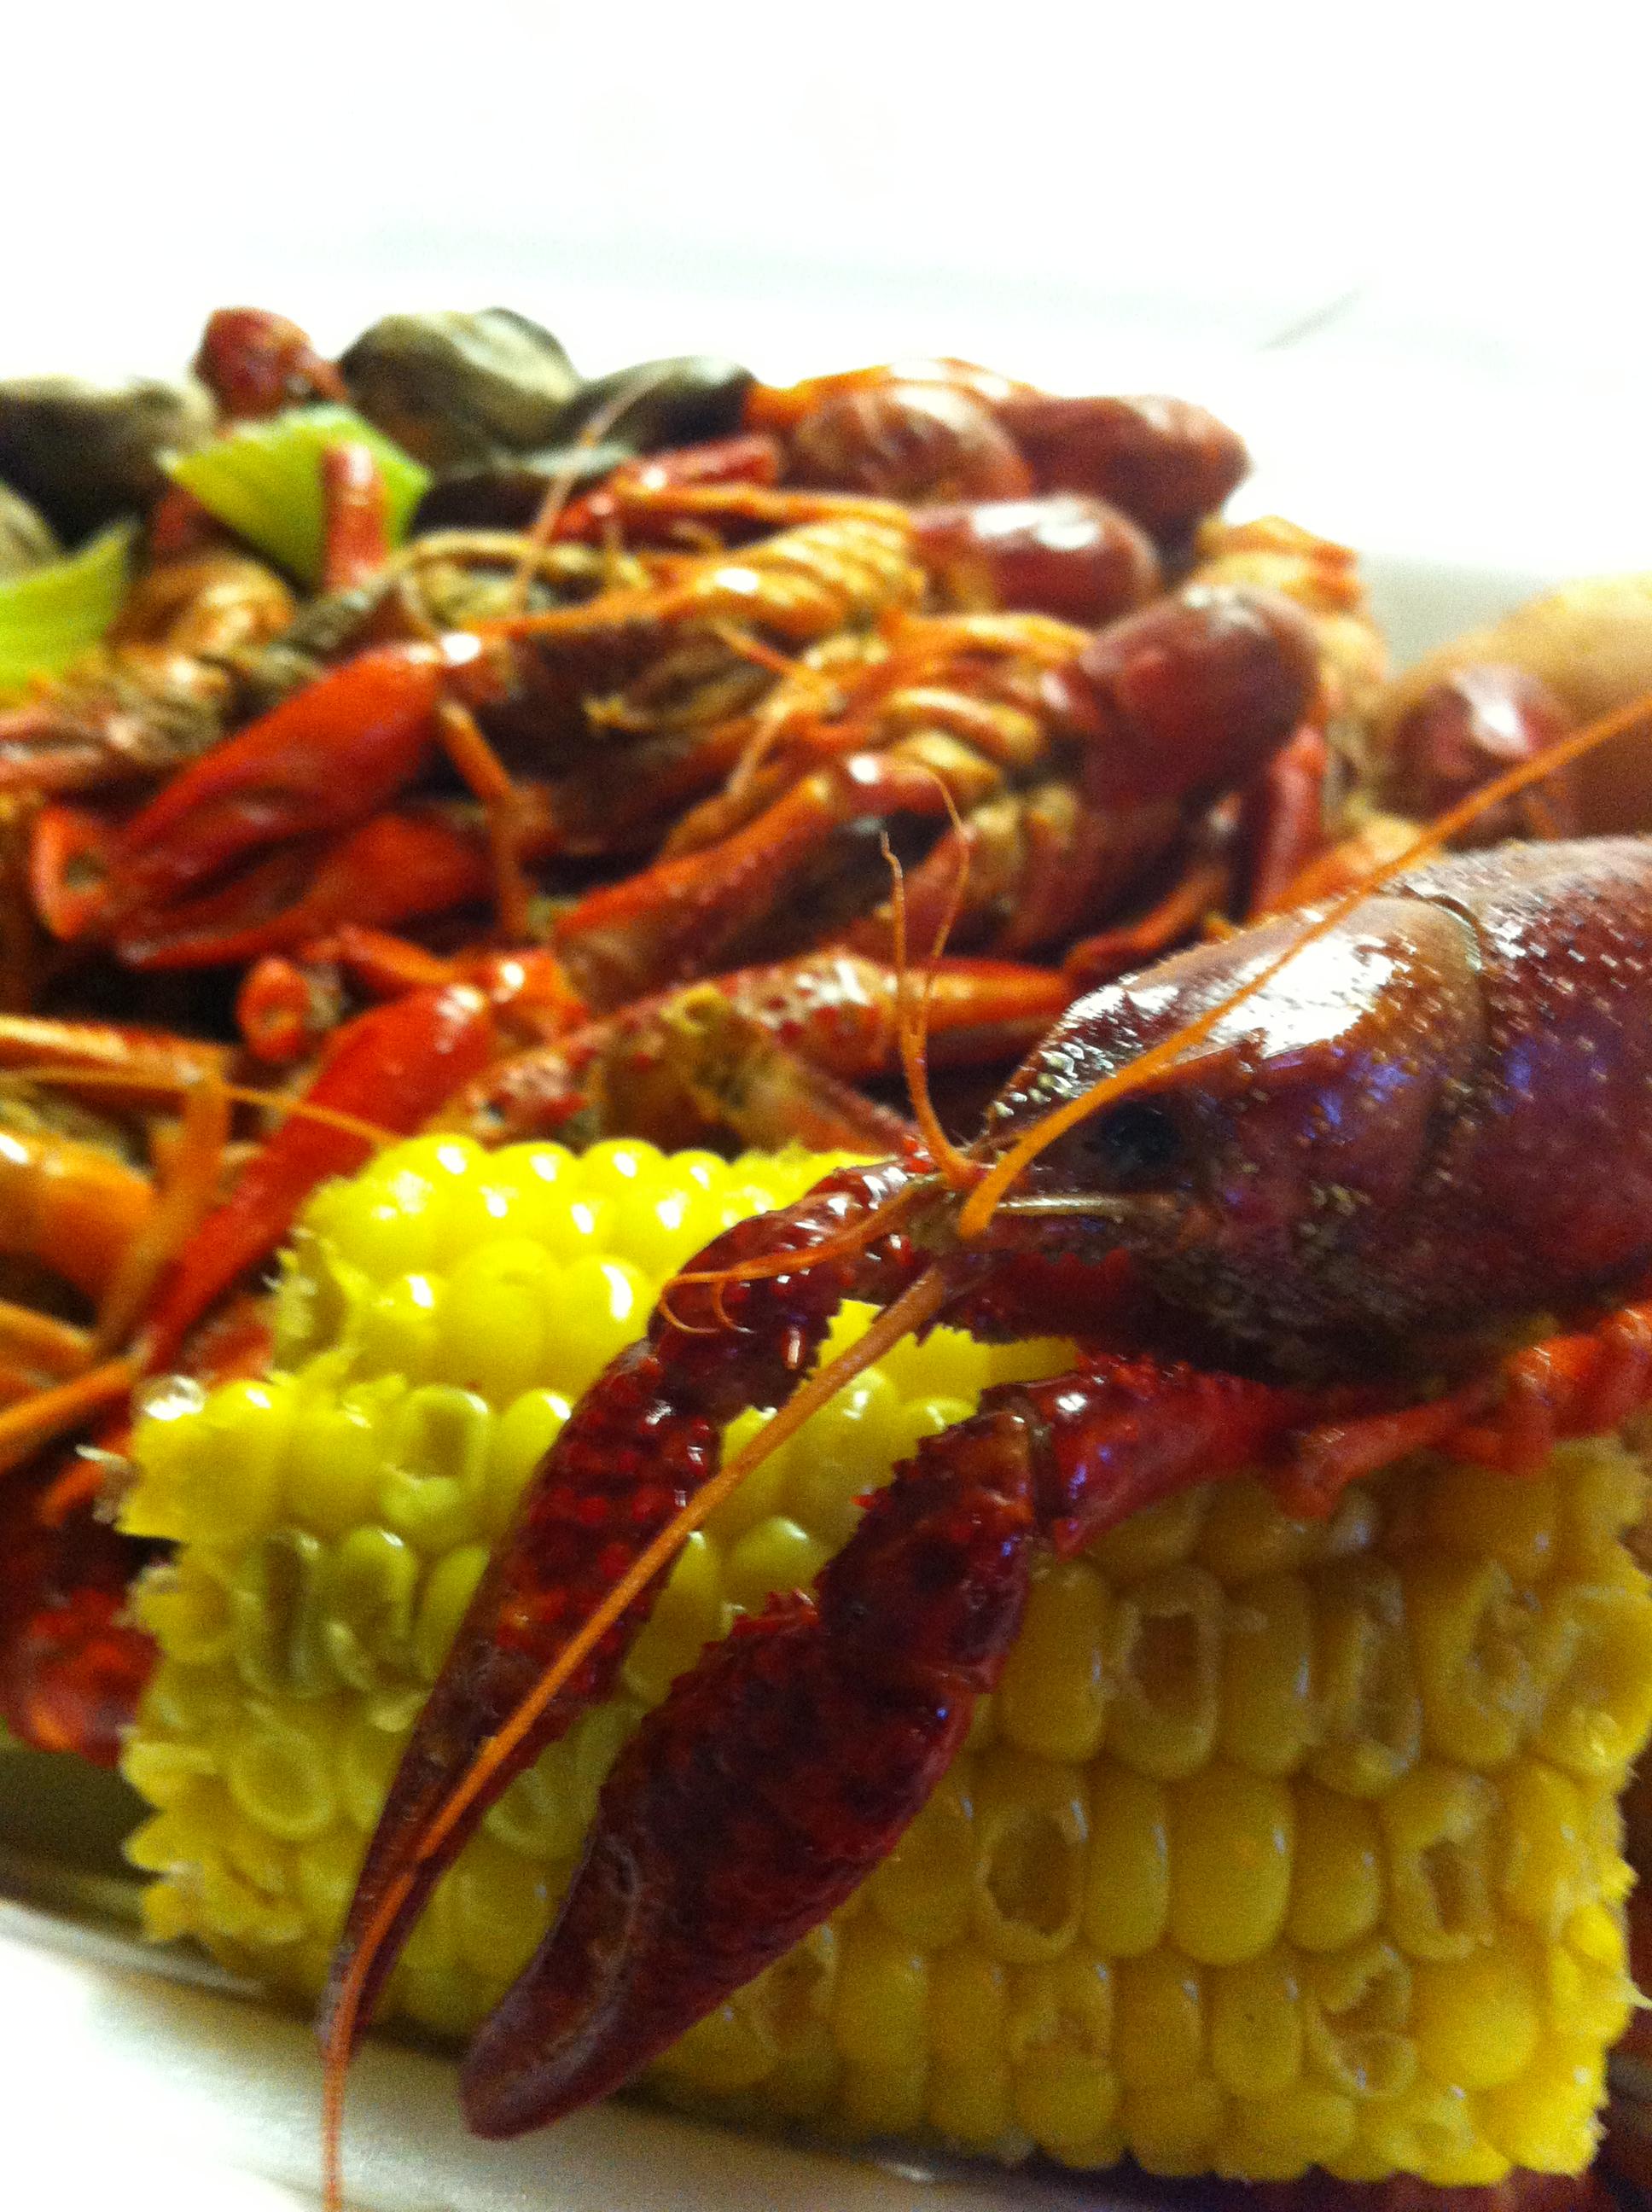 Best Crawfish photo 2014-06-18 19.48.18.jpg